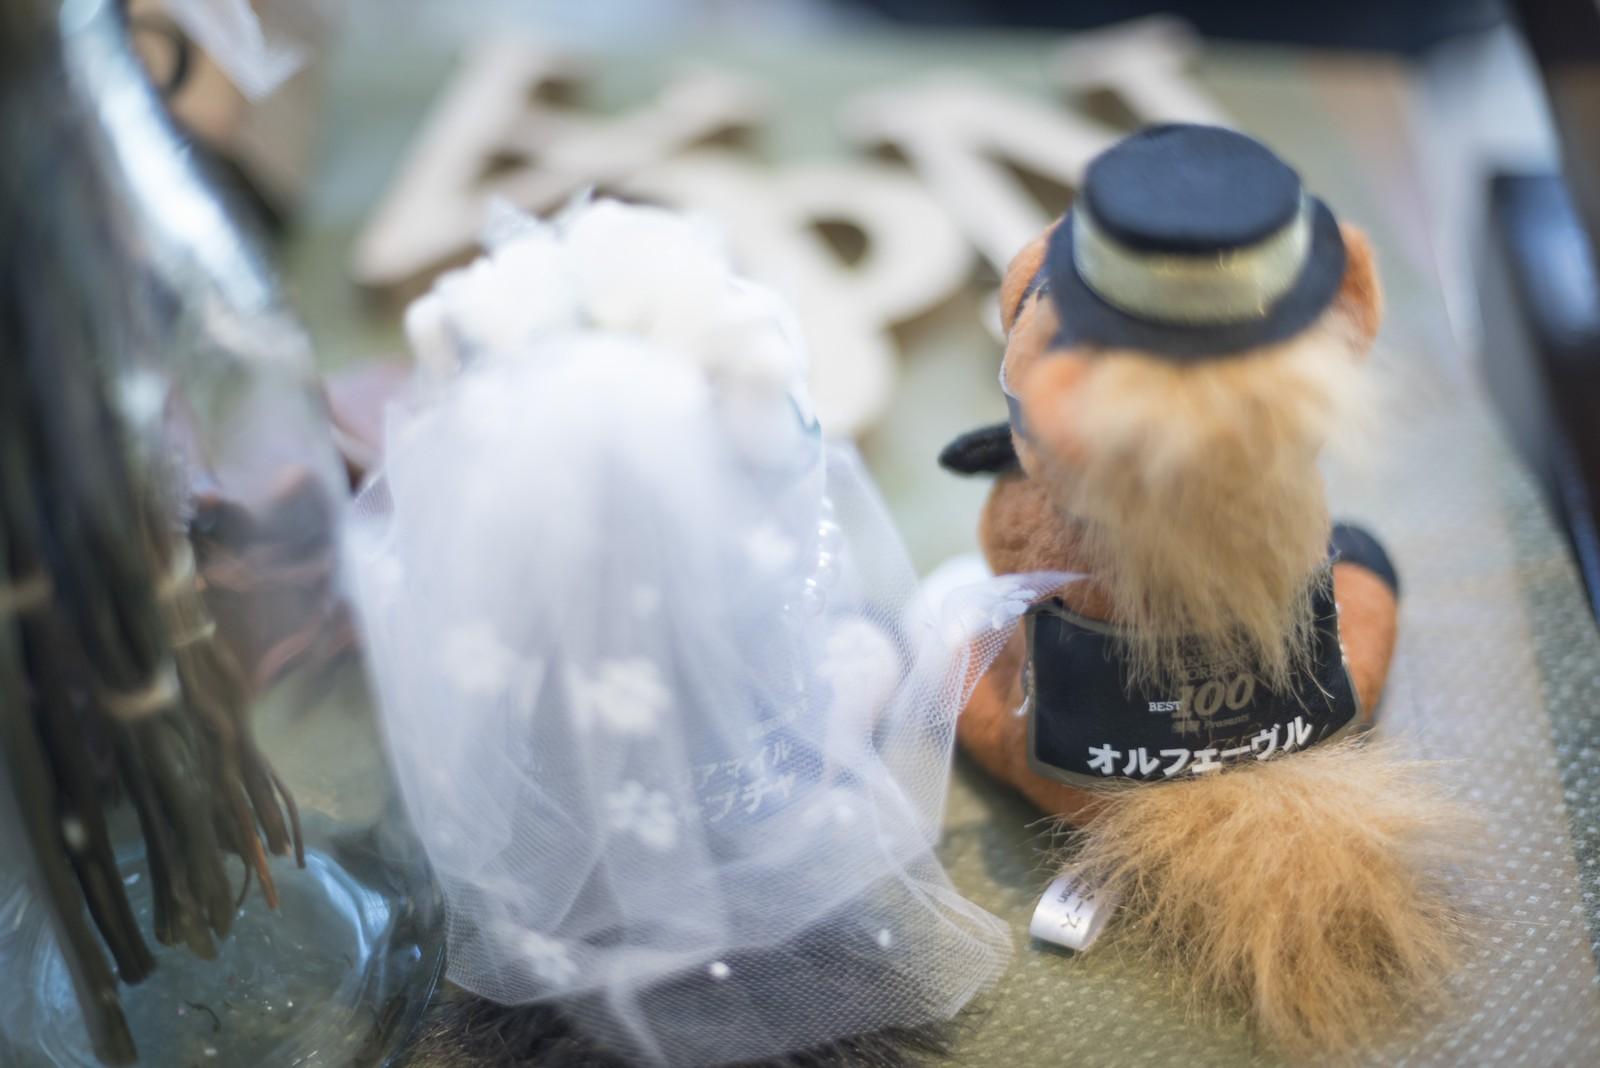 香川の結婚式場シェルエメール&アイスタイル ウェルカムグッズ